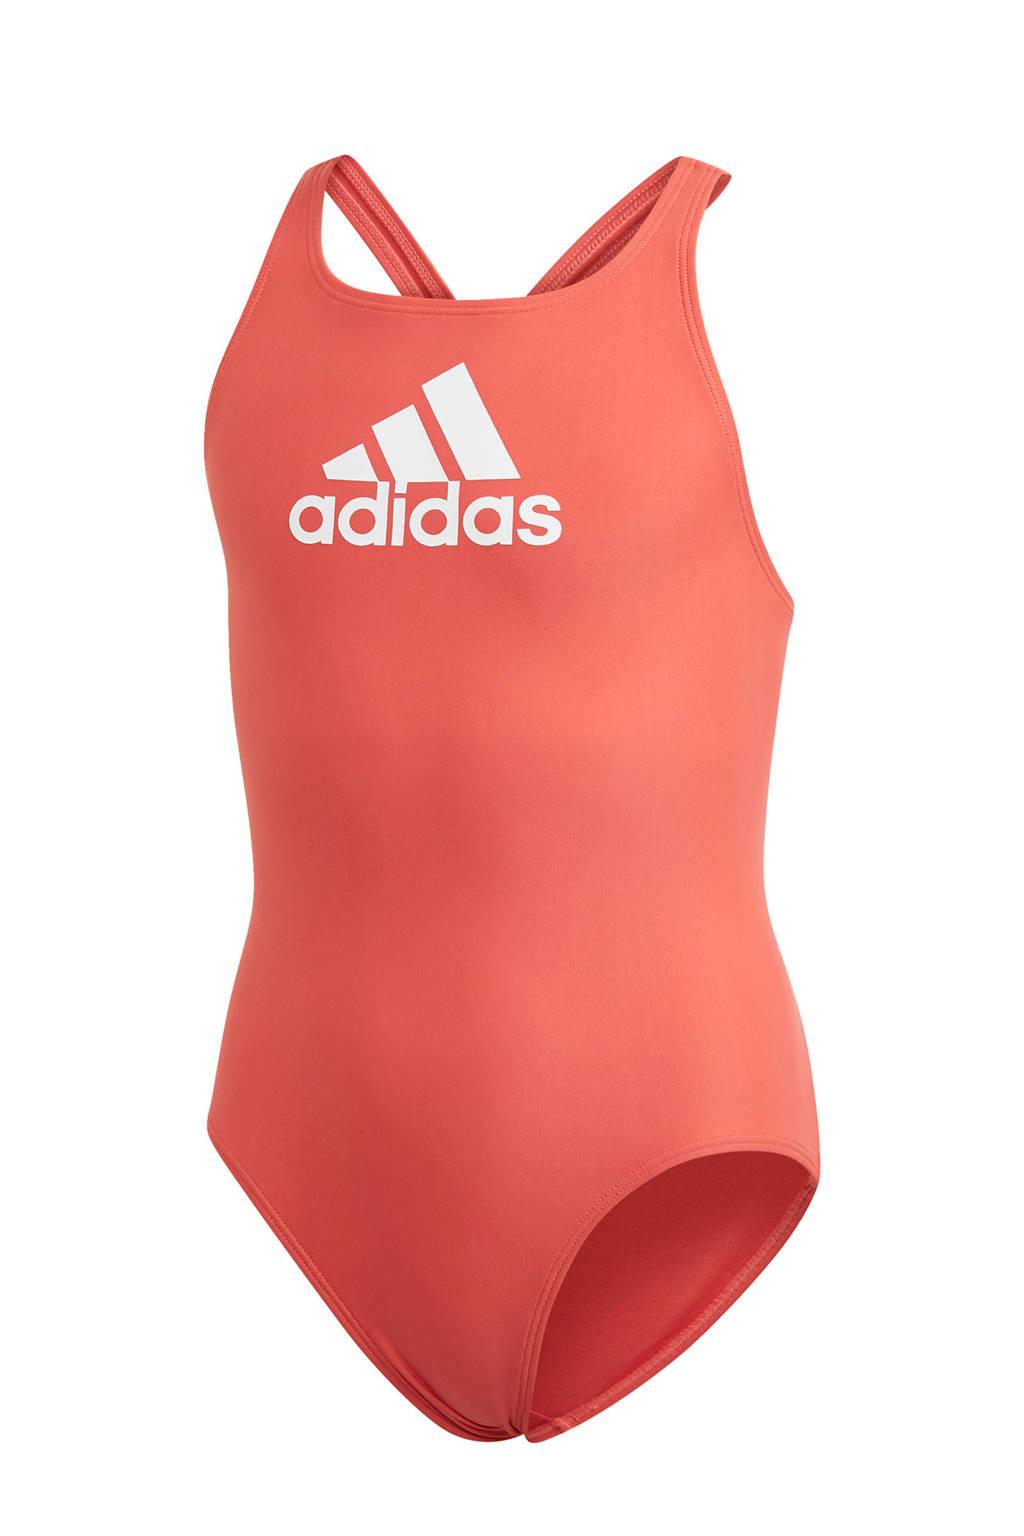 adidas Performance sportbadpak rood, Rood / wit